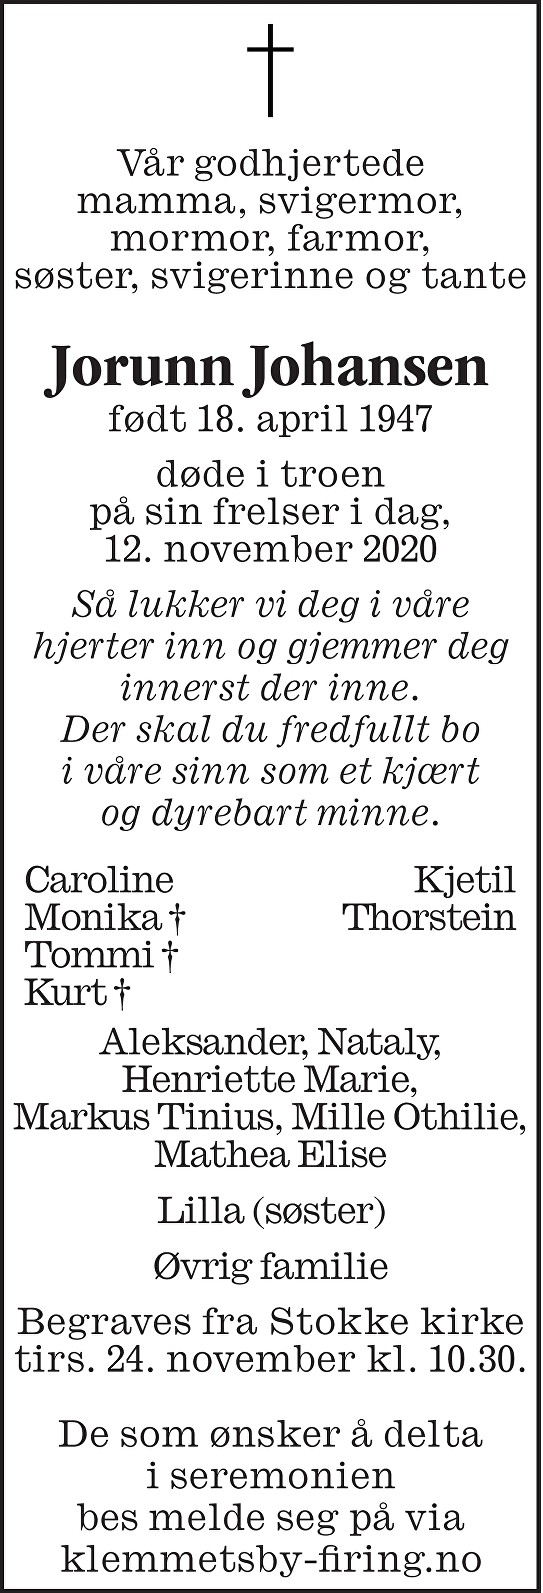 Jorunn Johansen Dødsannonse